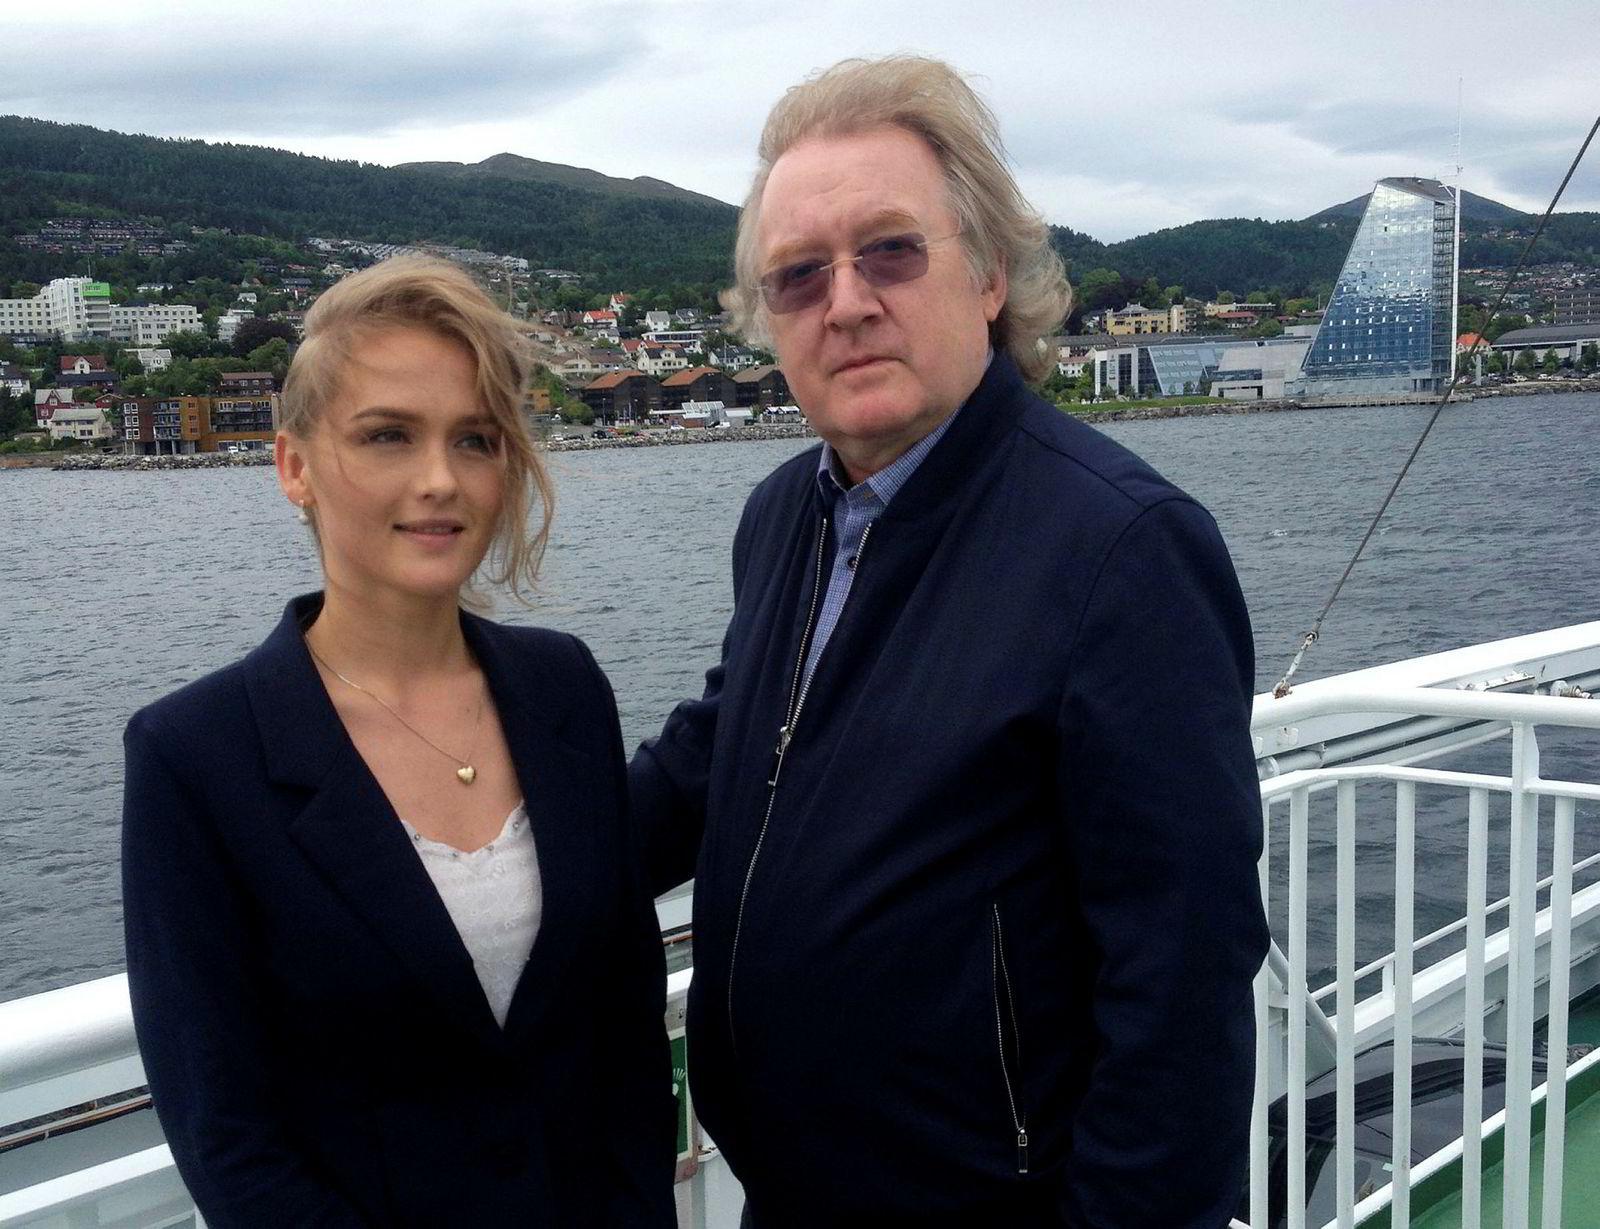 Forskningsassistent Amalie Tusvik og professor Trond Bjørndal konkluderer med at landbasert oppdrett kan utgjøre en stor trussel for tradisjonell produksjon i åpne merder i sjøen.